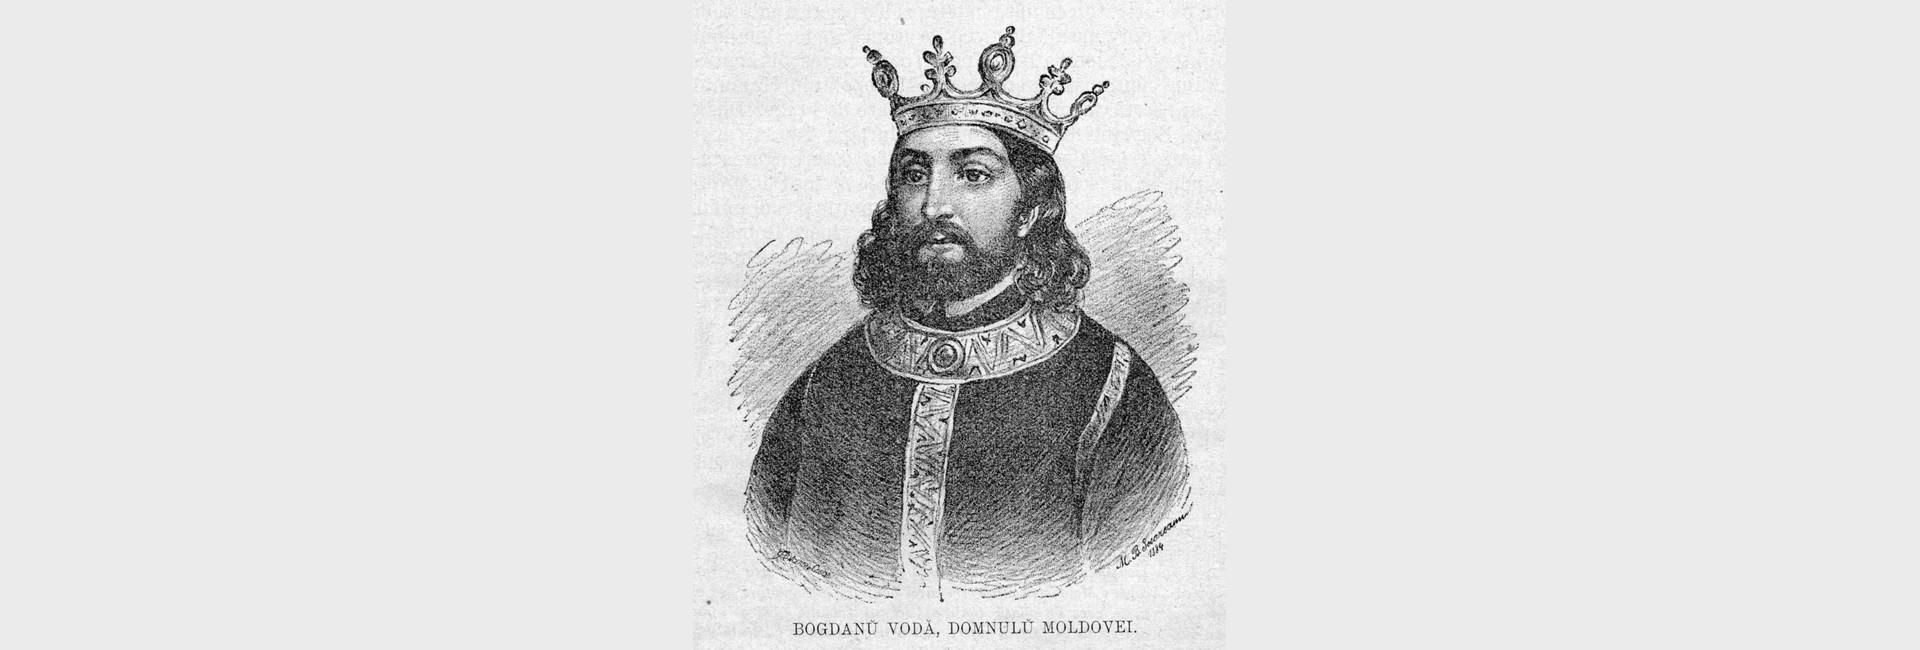 Bogdan I român Moldova independentă unguri slider